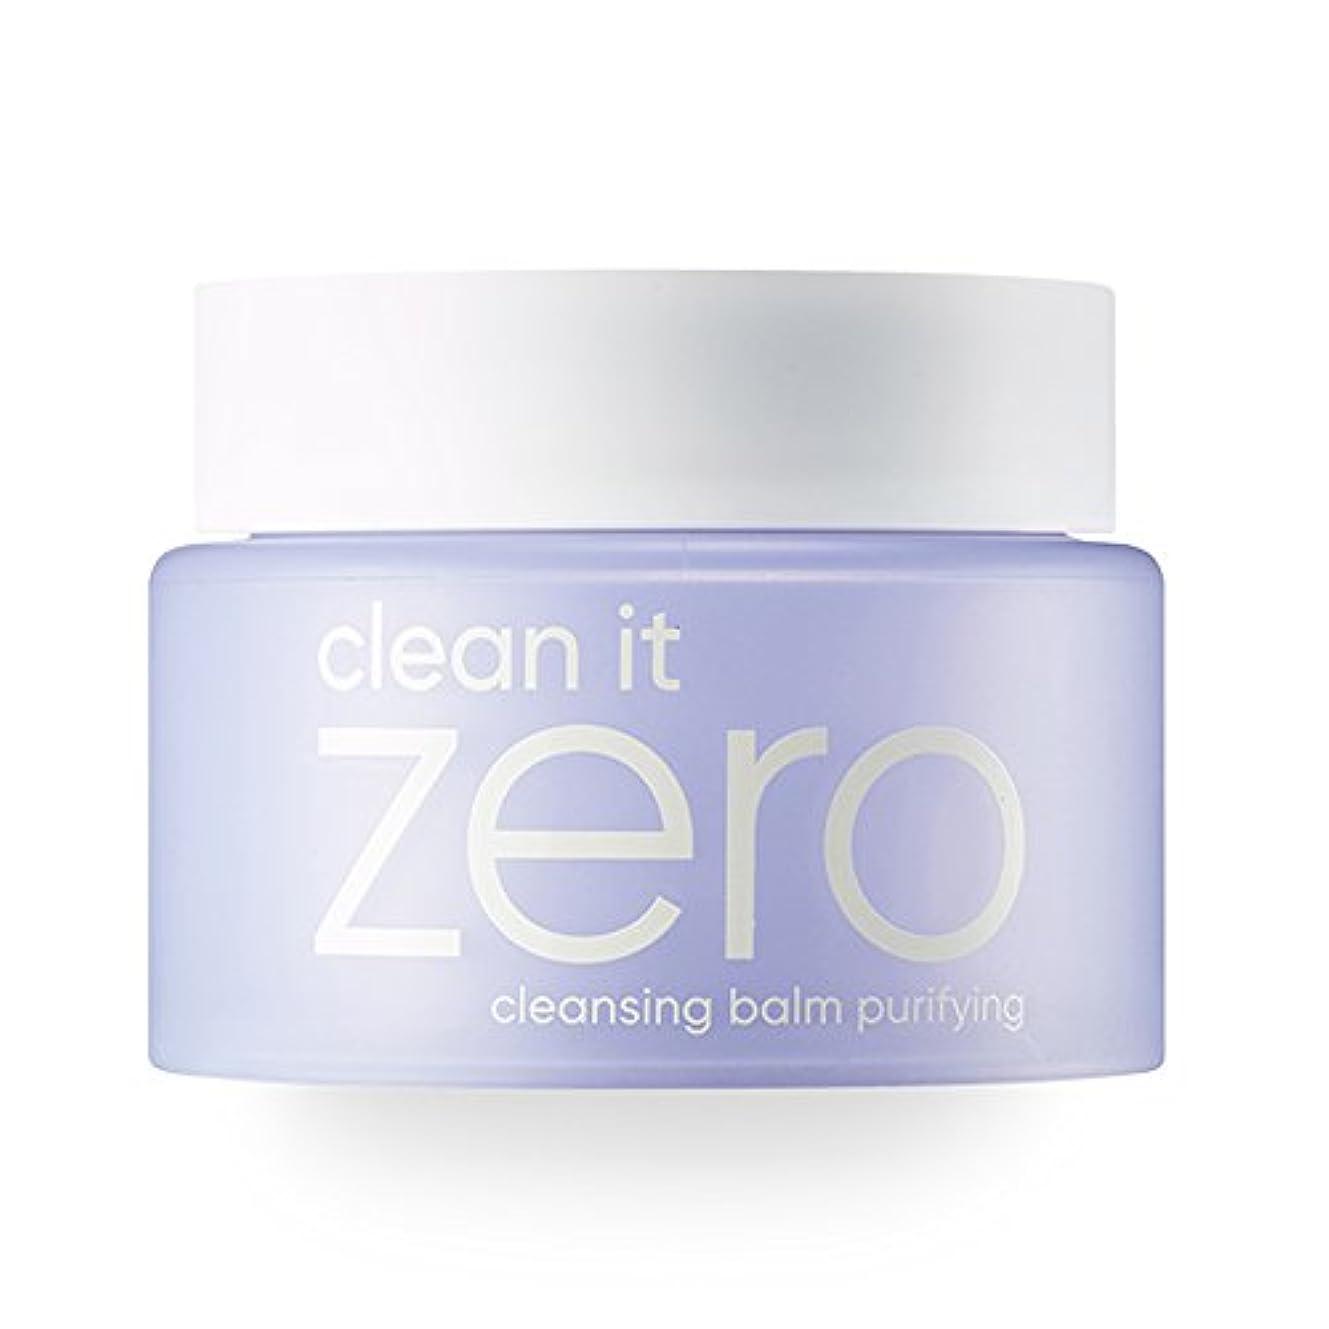 講師養う艶BANILA CO(バニラコ) クリーン イット ゼロ クレンジング バーム ピュリファイング Clean It Zero Purifying